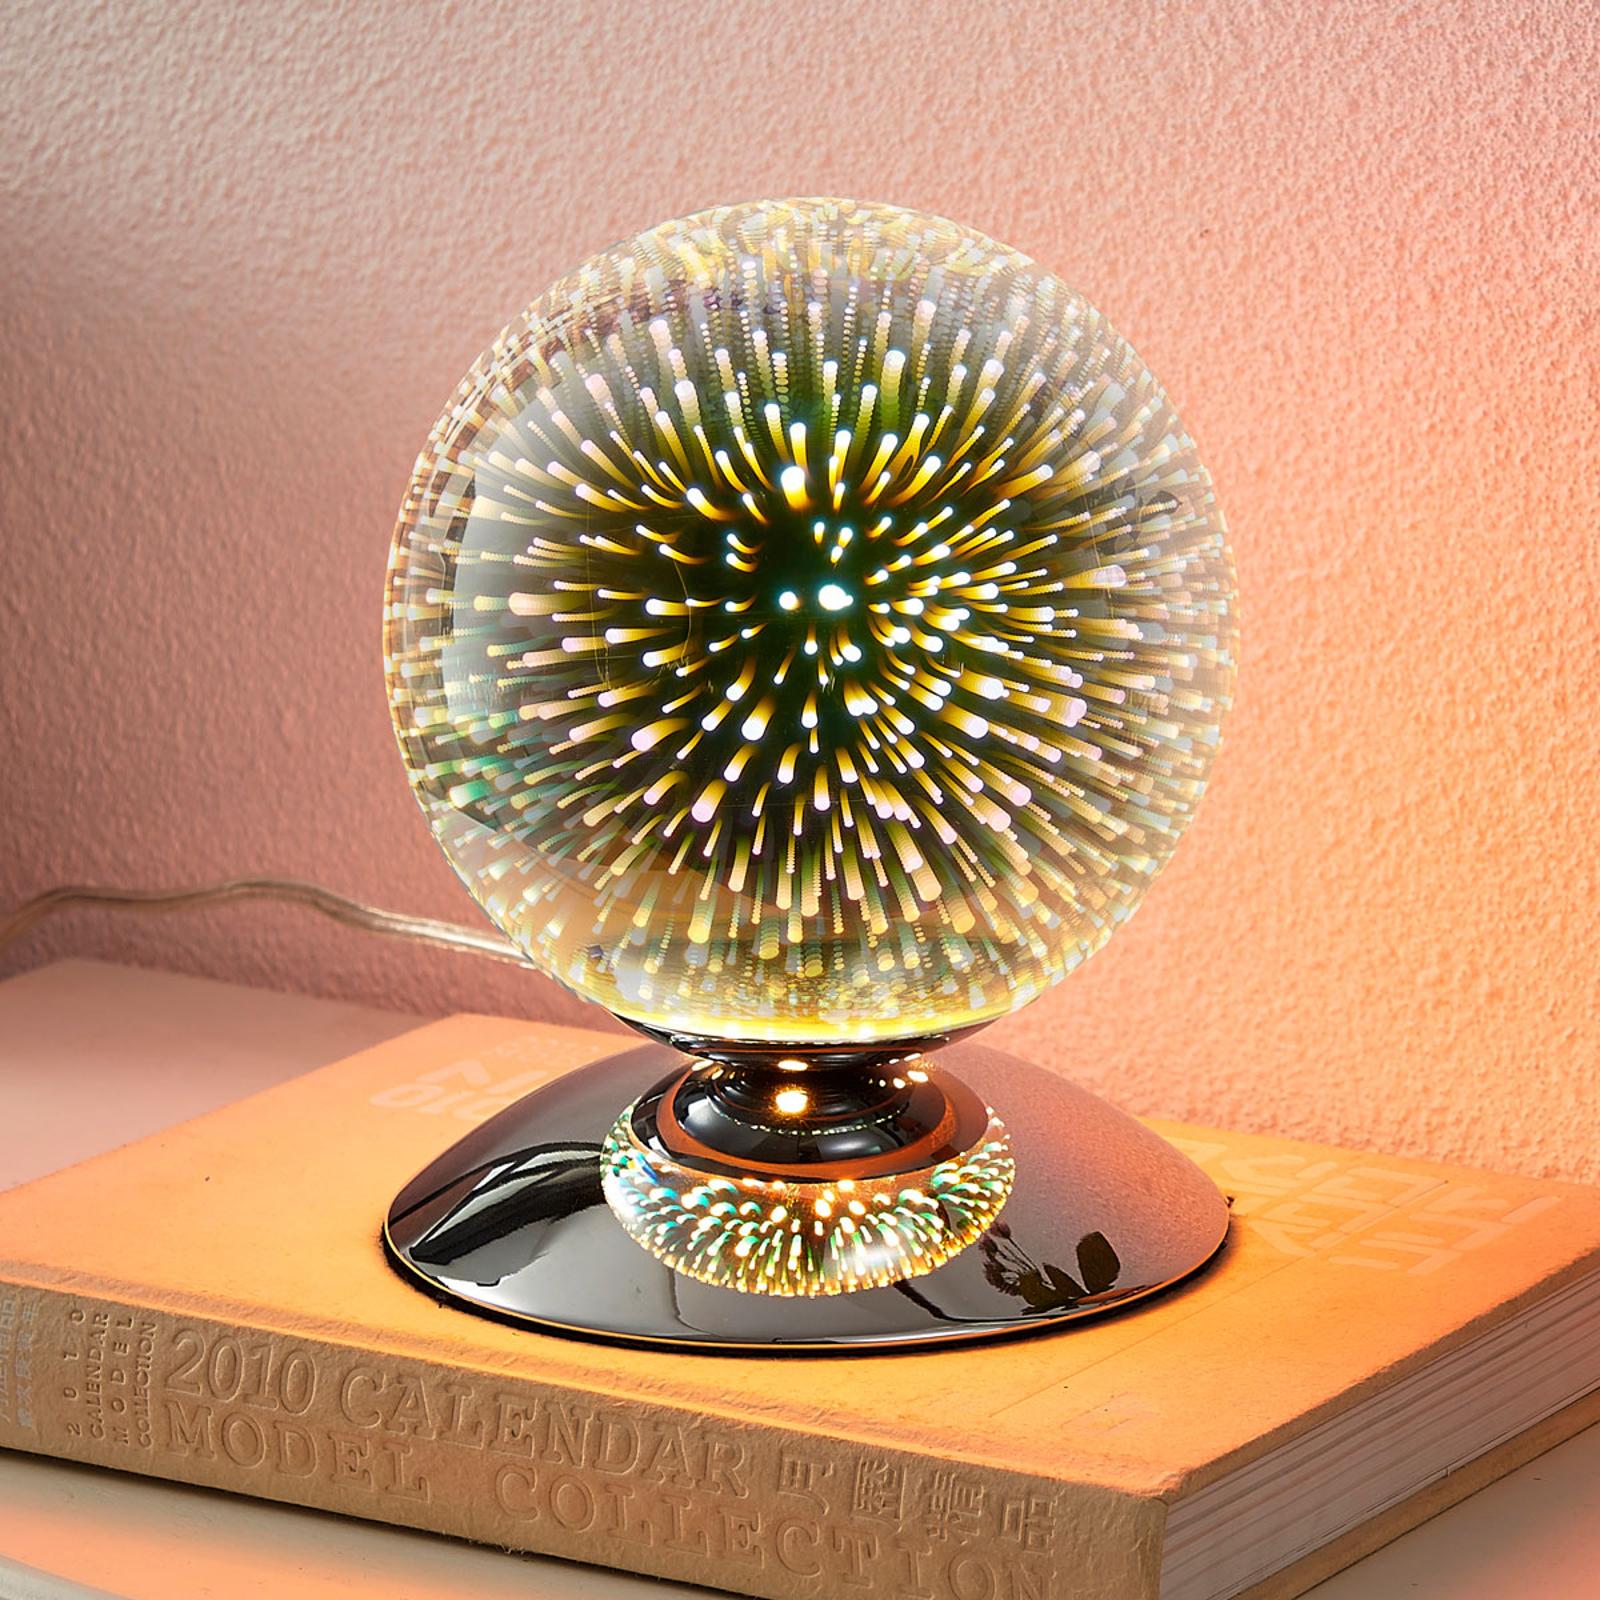 Effektfull bordslampa Isumi i klotform